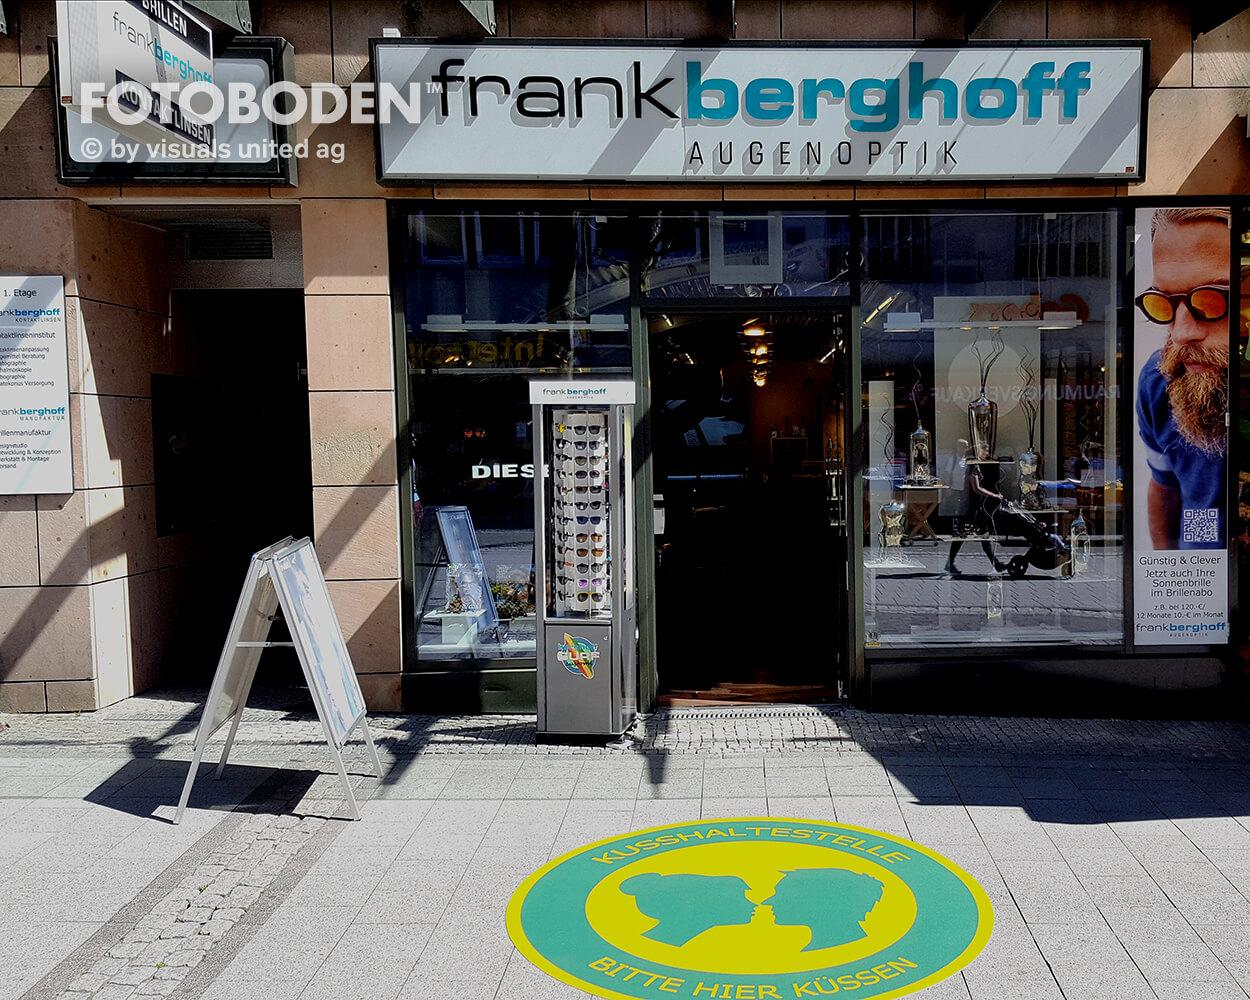 FrankBerghoff Optik Fotoboden Flooring Fußboden Bodengestaltung Floorminder Bodendruck Werbung Fußbodenwerbung Bodenwerbung Merchandising Advertising Visualmerchandising1